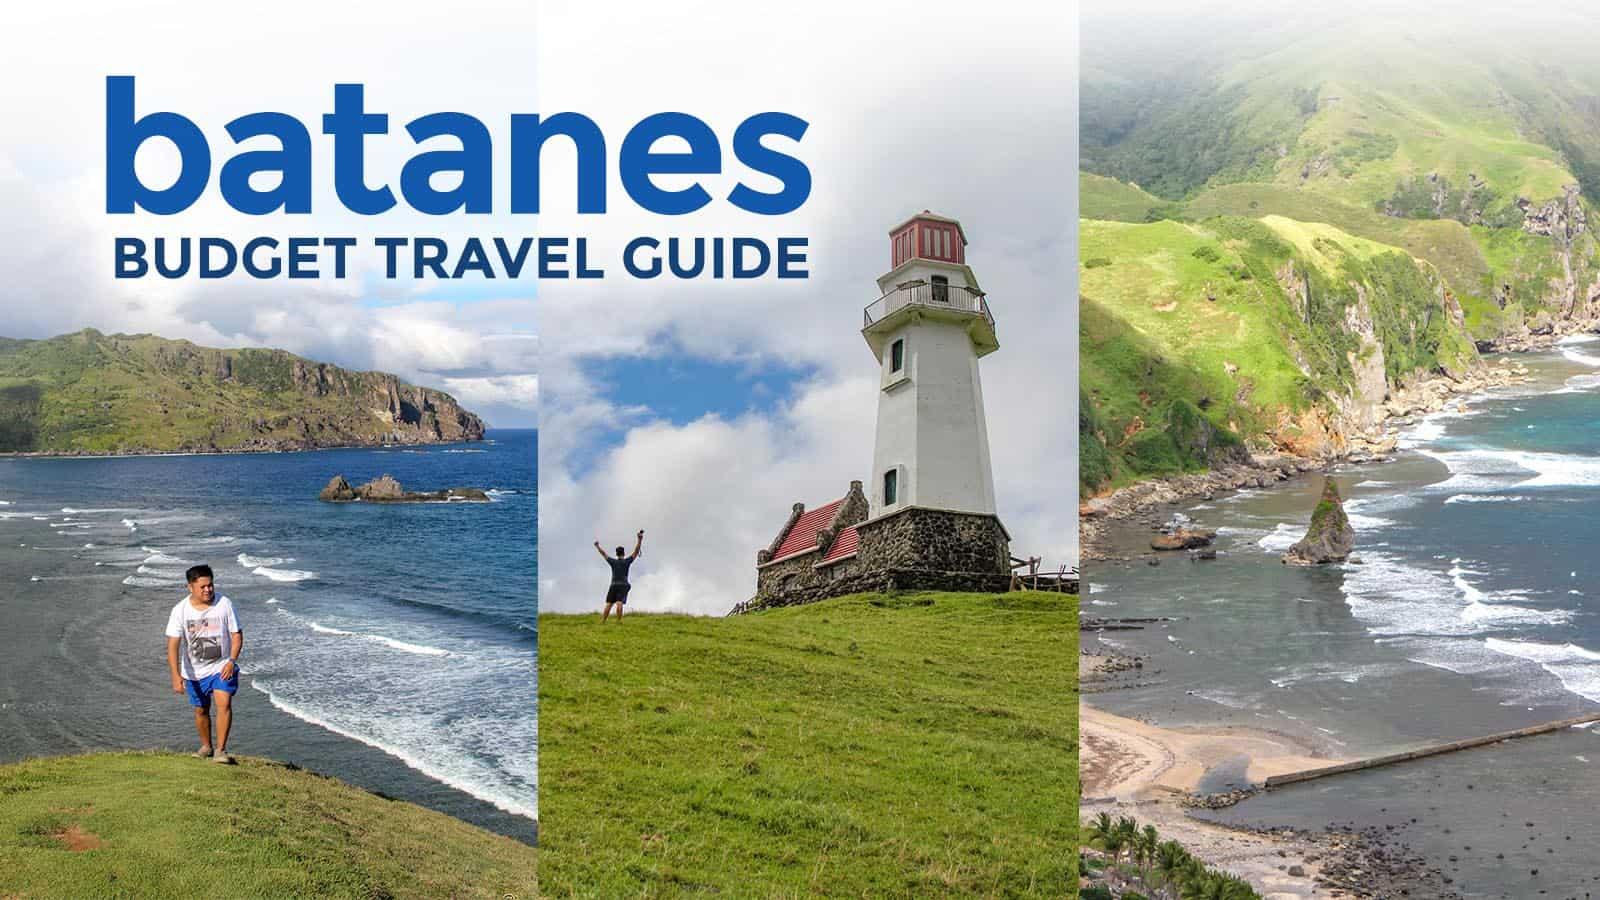 巴塔尼斯旅游指南与行程样本和预算   穷游者行程博客